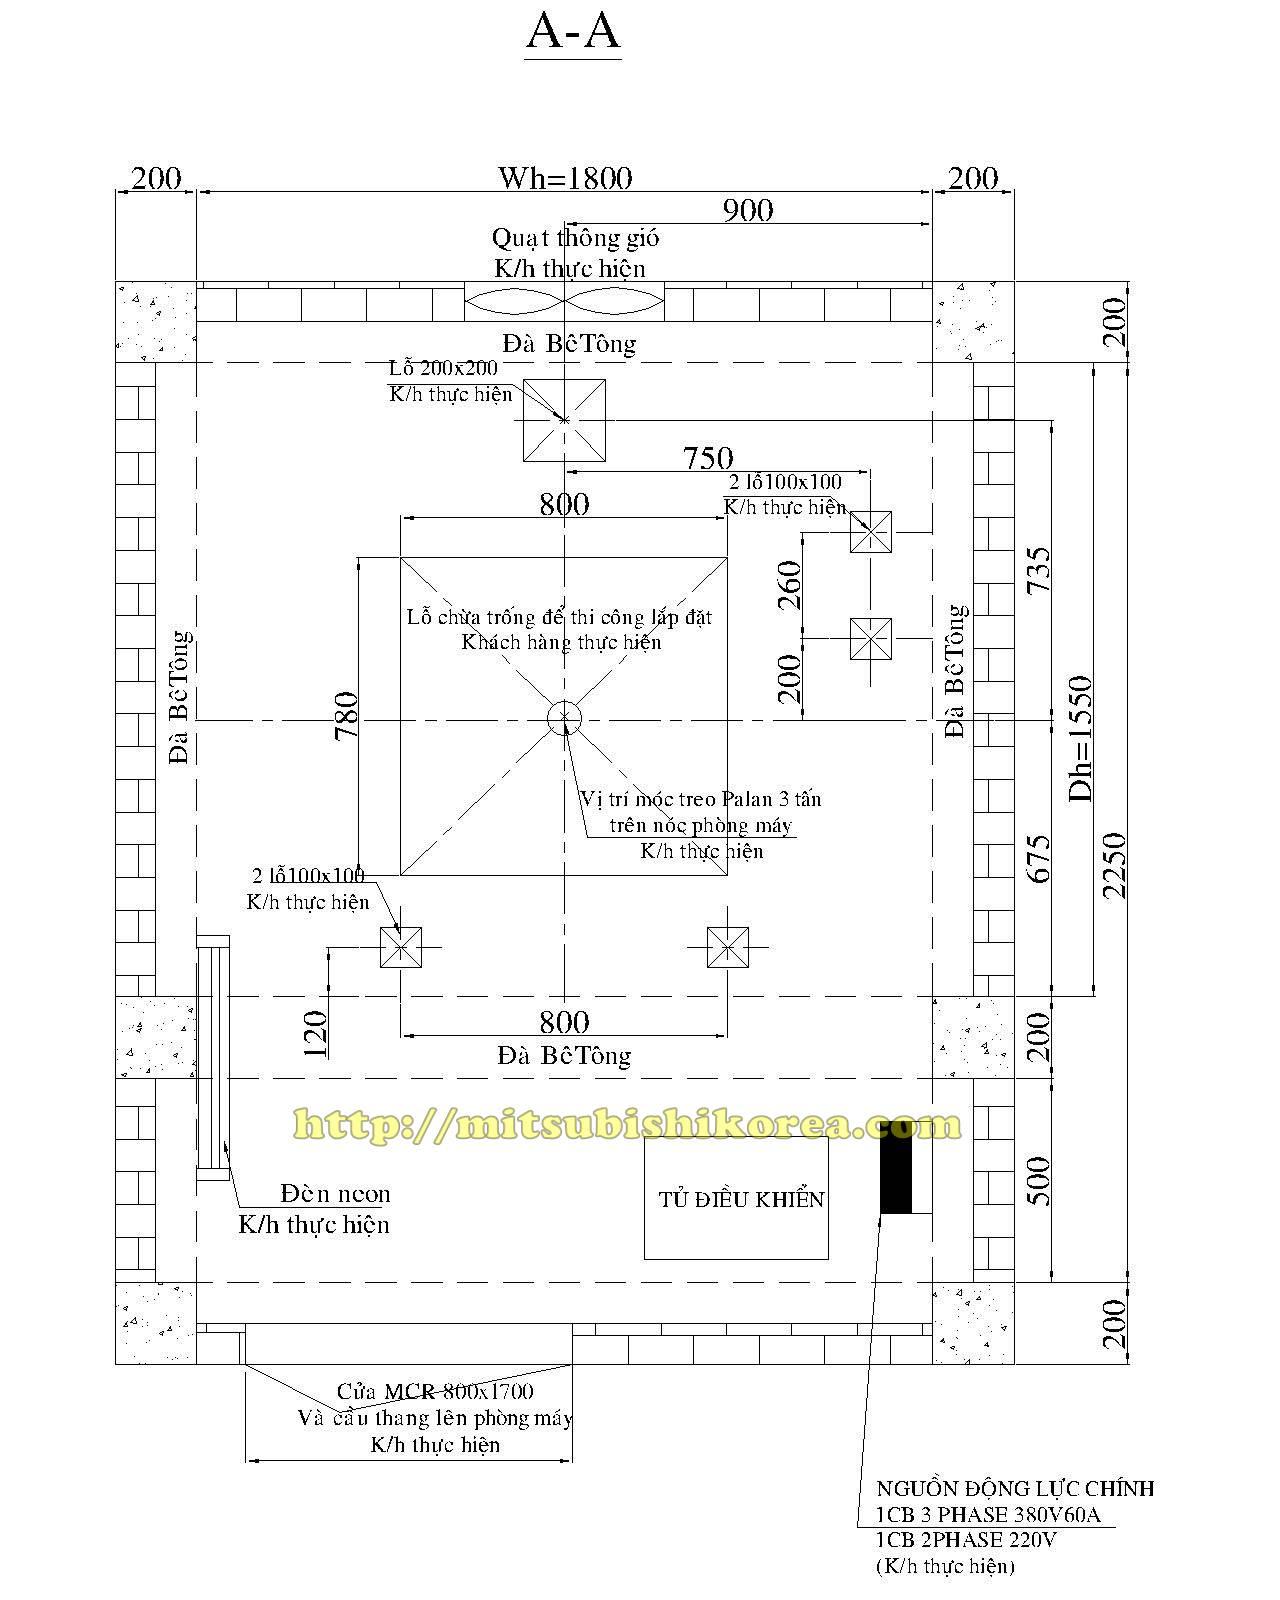 Bản vẽ thang máy gia đình - phòng máy